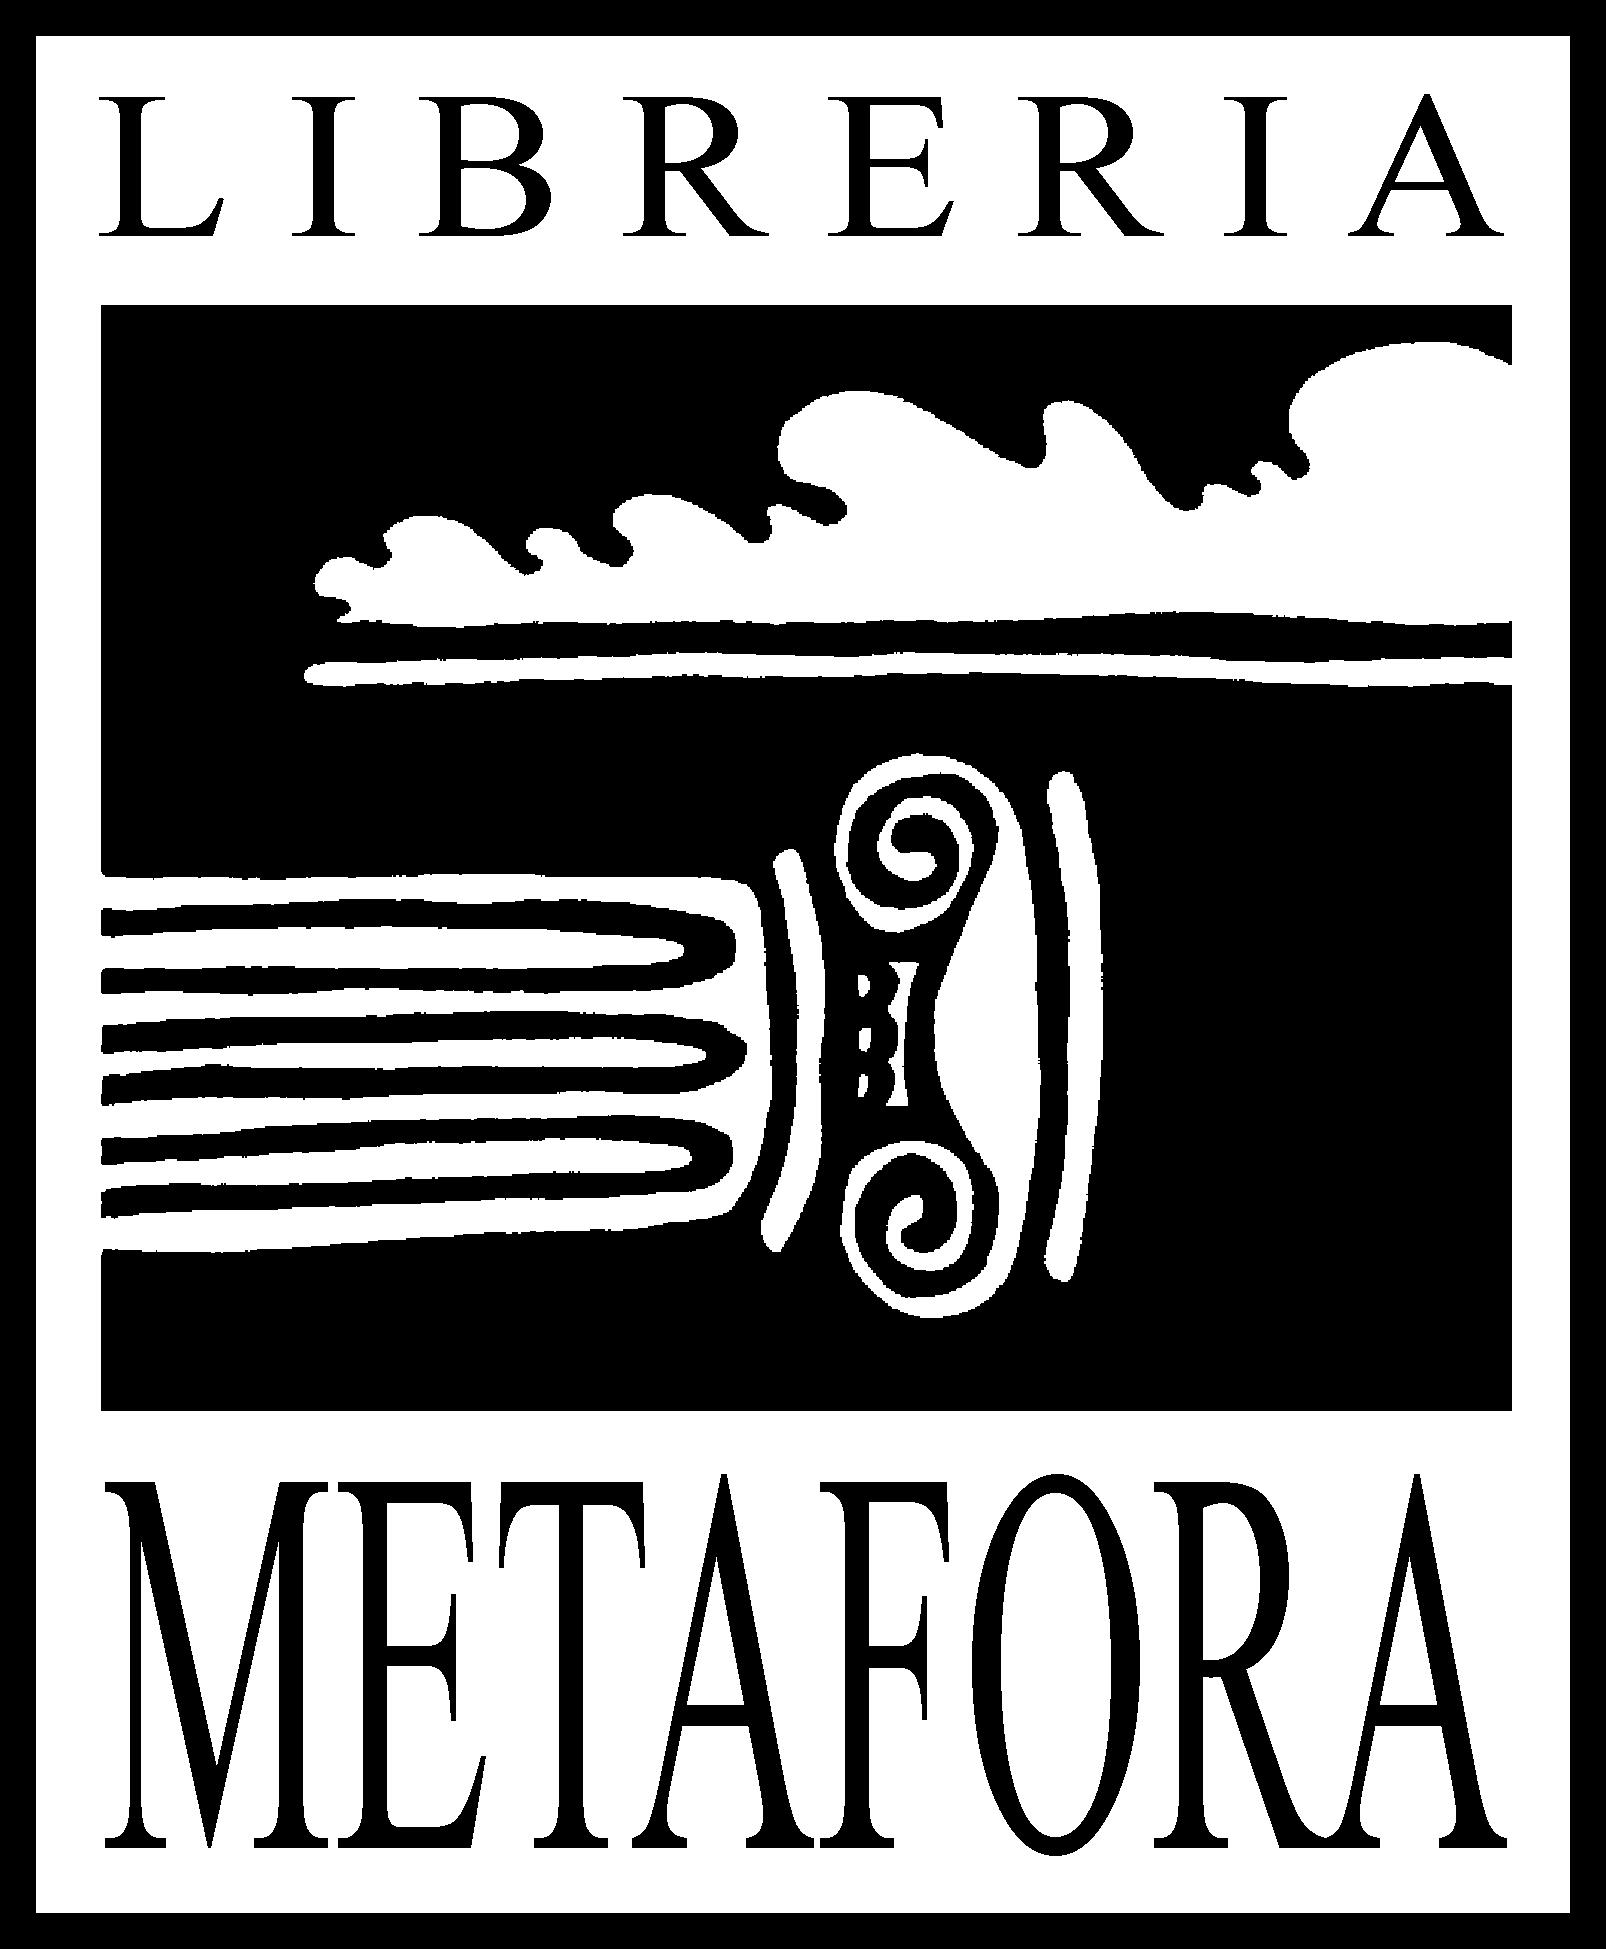 Metáfora, Librería